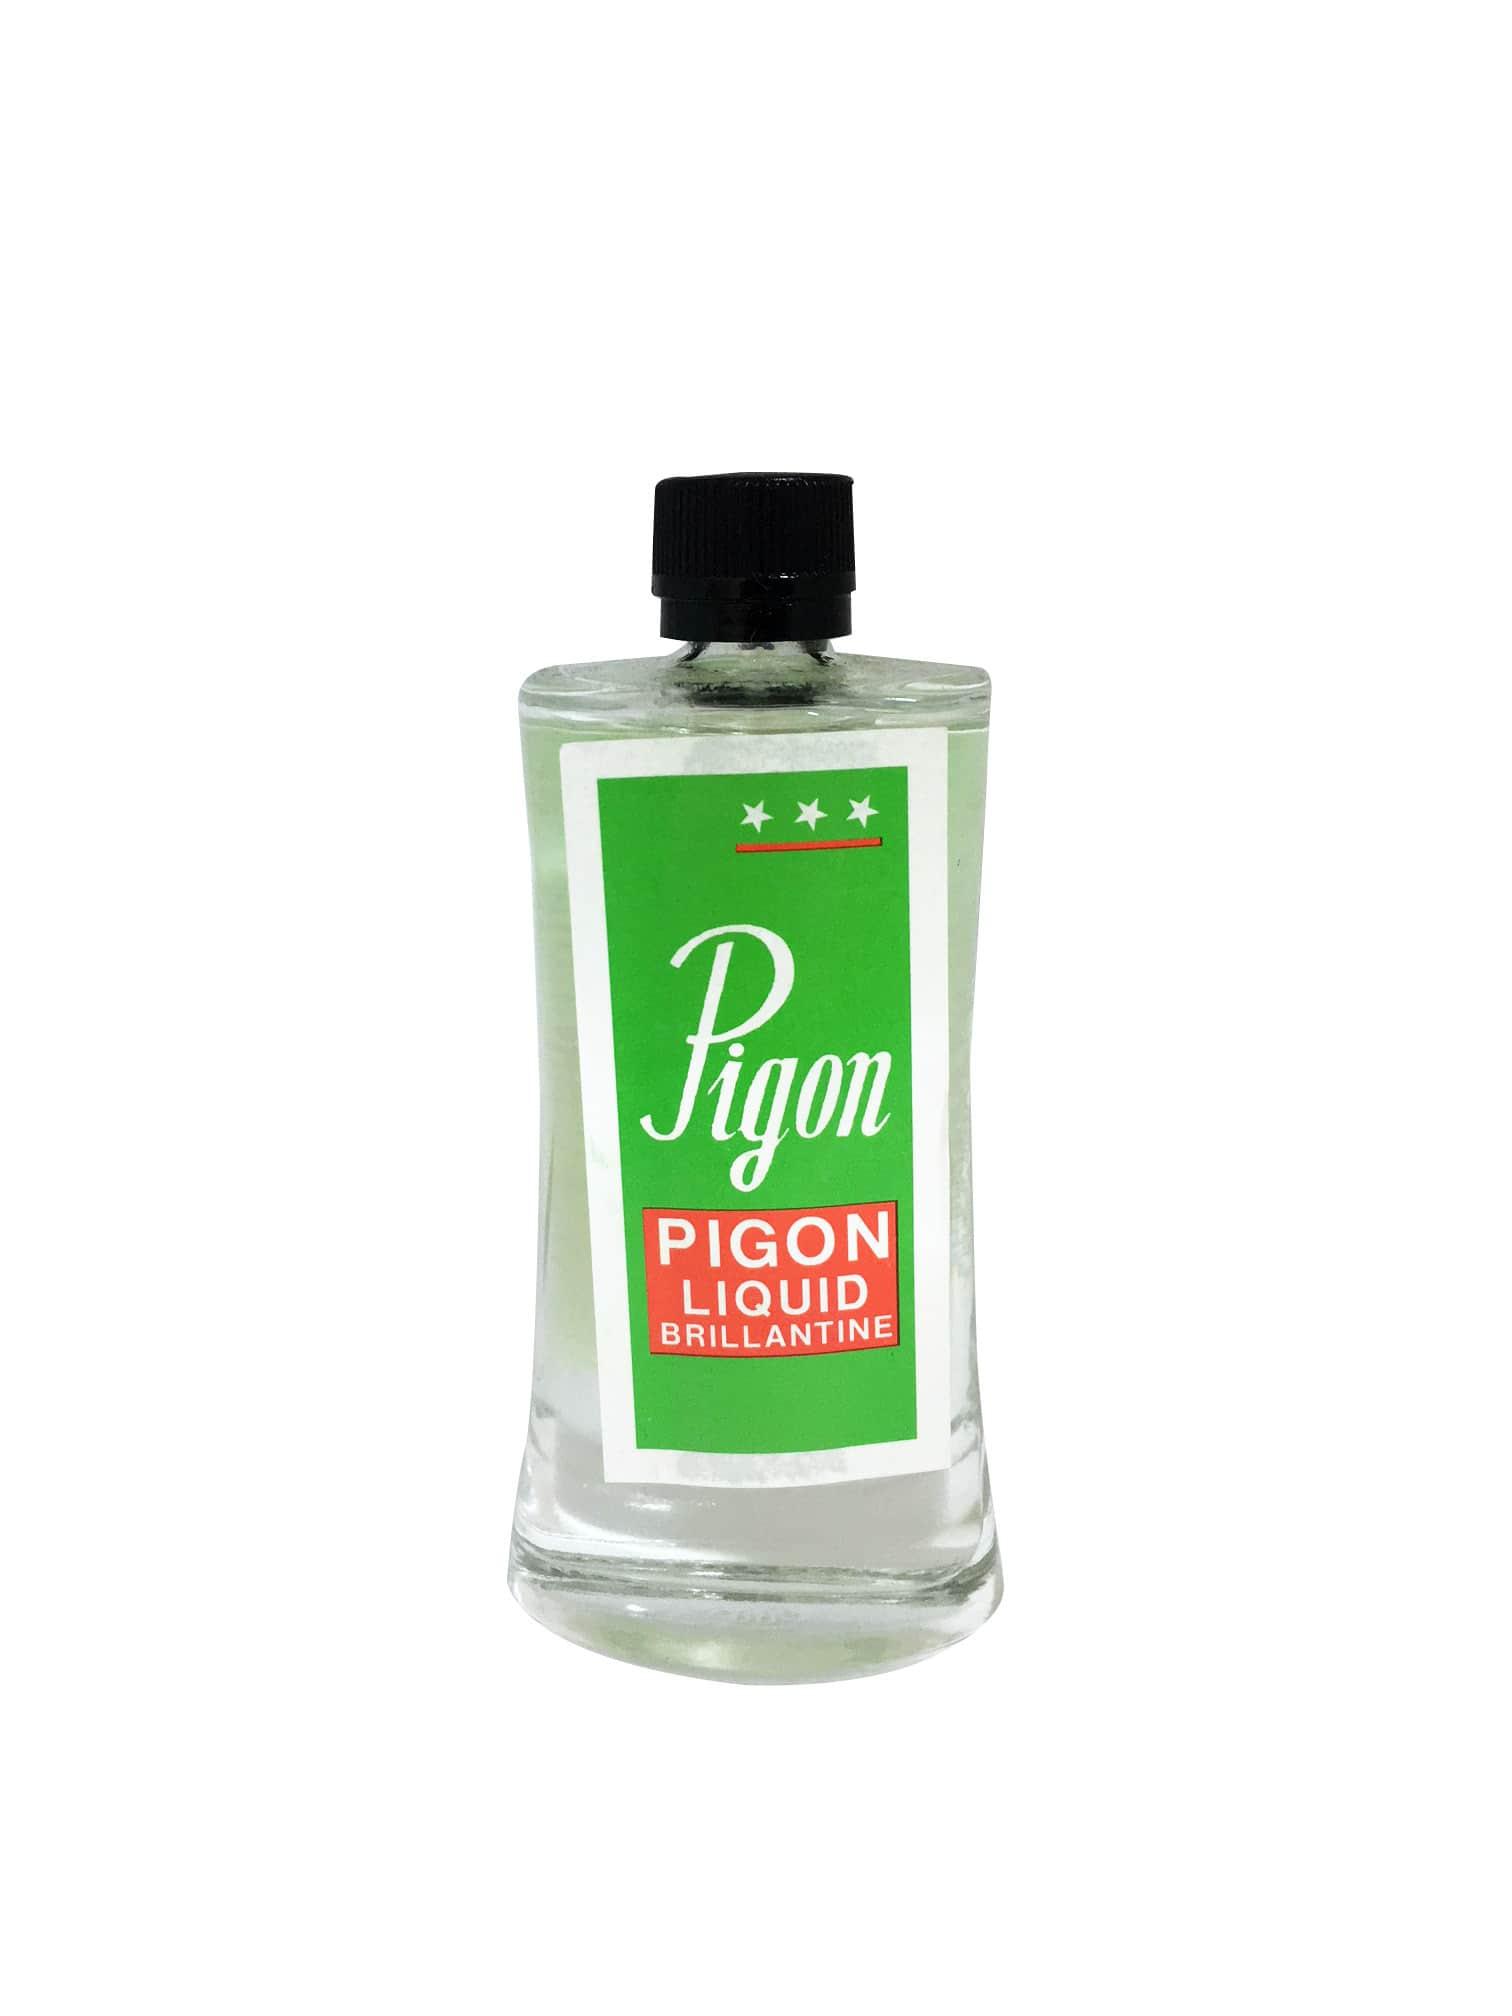 Pigon Liquid Brillantine Μπριγιαντίνη Μαλλιών, 75ml